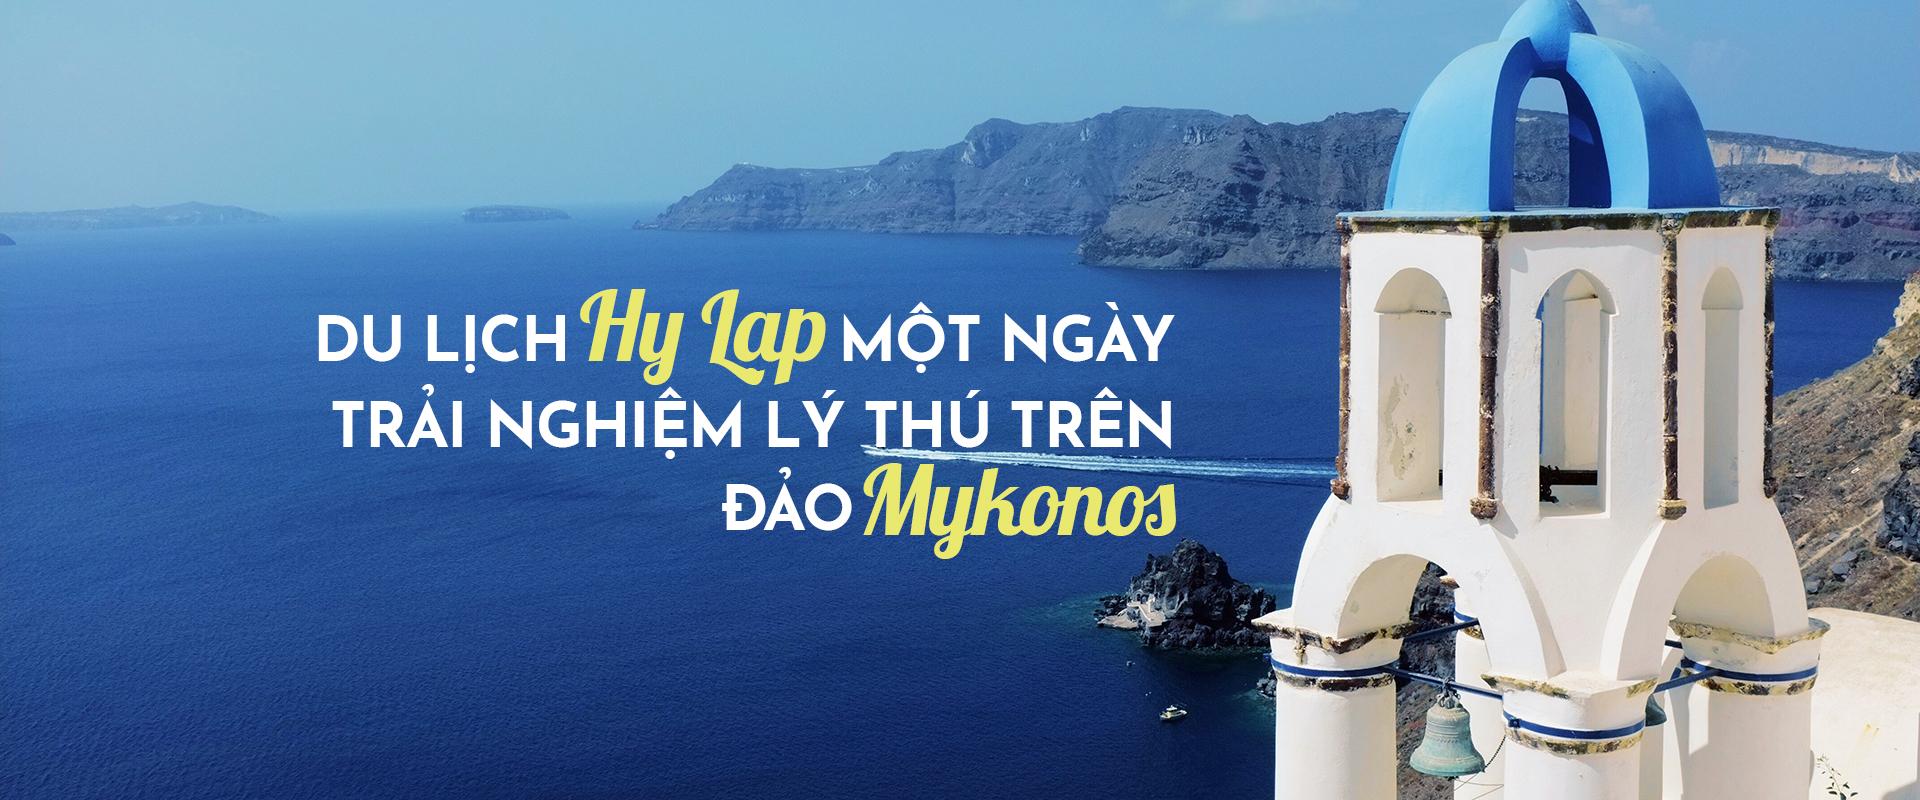 Du lịch Hy Lạp: một ngày trải nghiệm lý thú trên đảo Mykonos